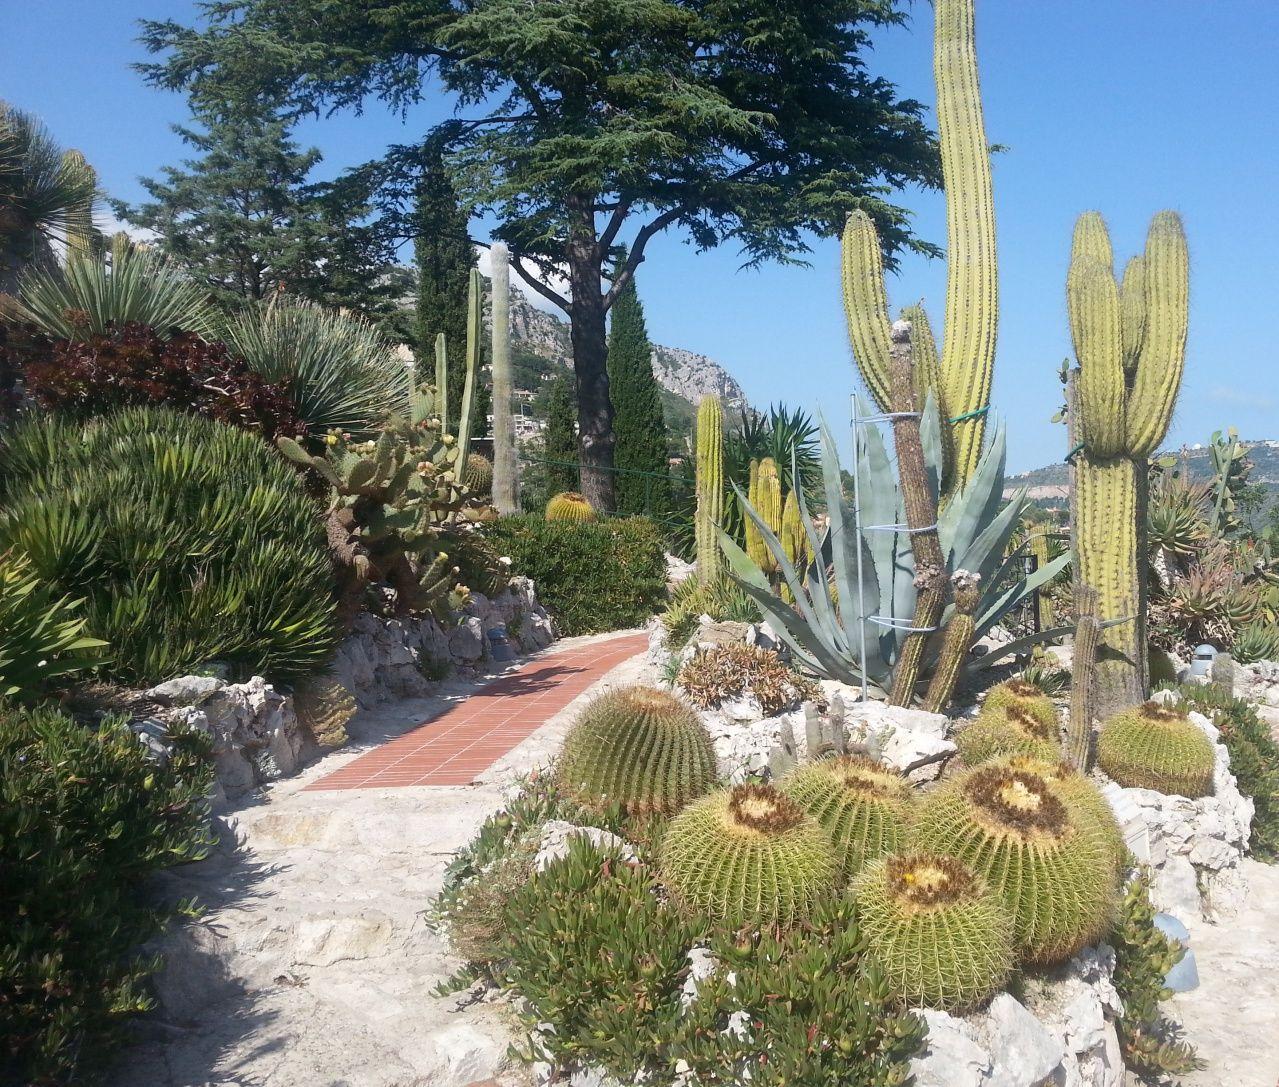 Jardin exotique village eze au bord de la mer medit rrann e gardens jardin exotique d 39 eze - Photo de jardin exotique ...